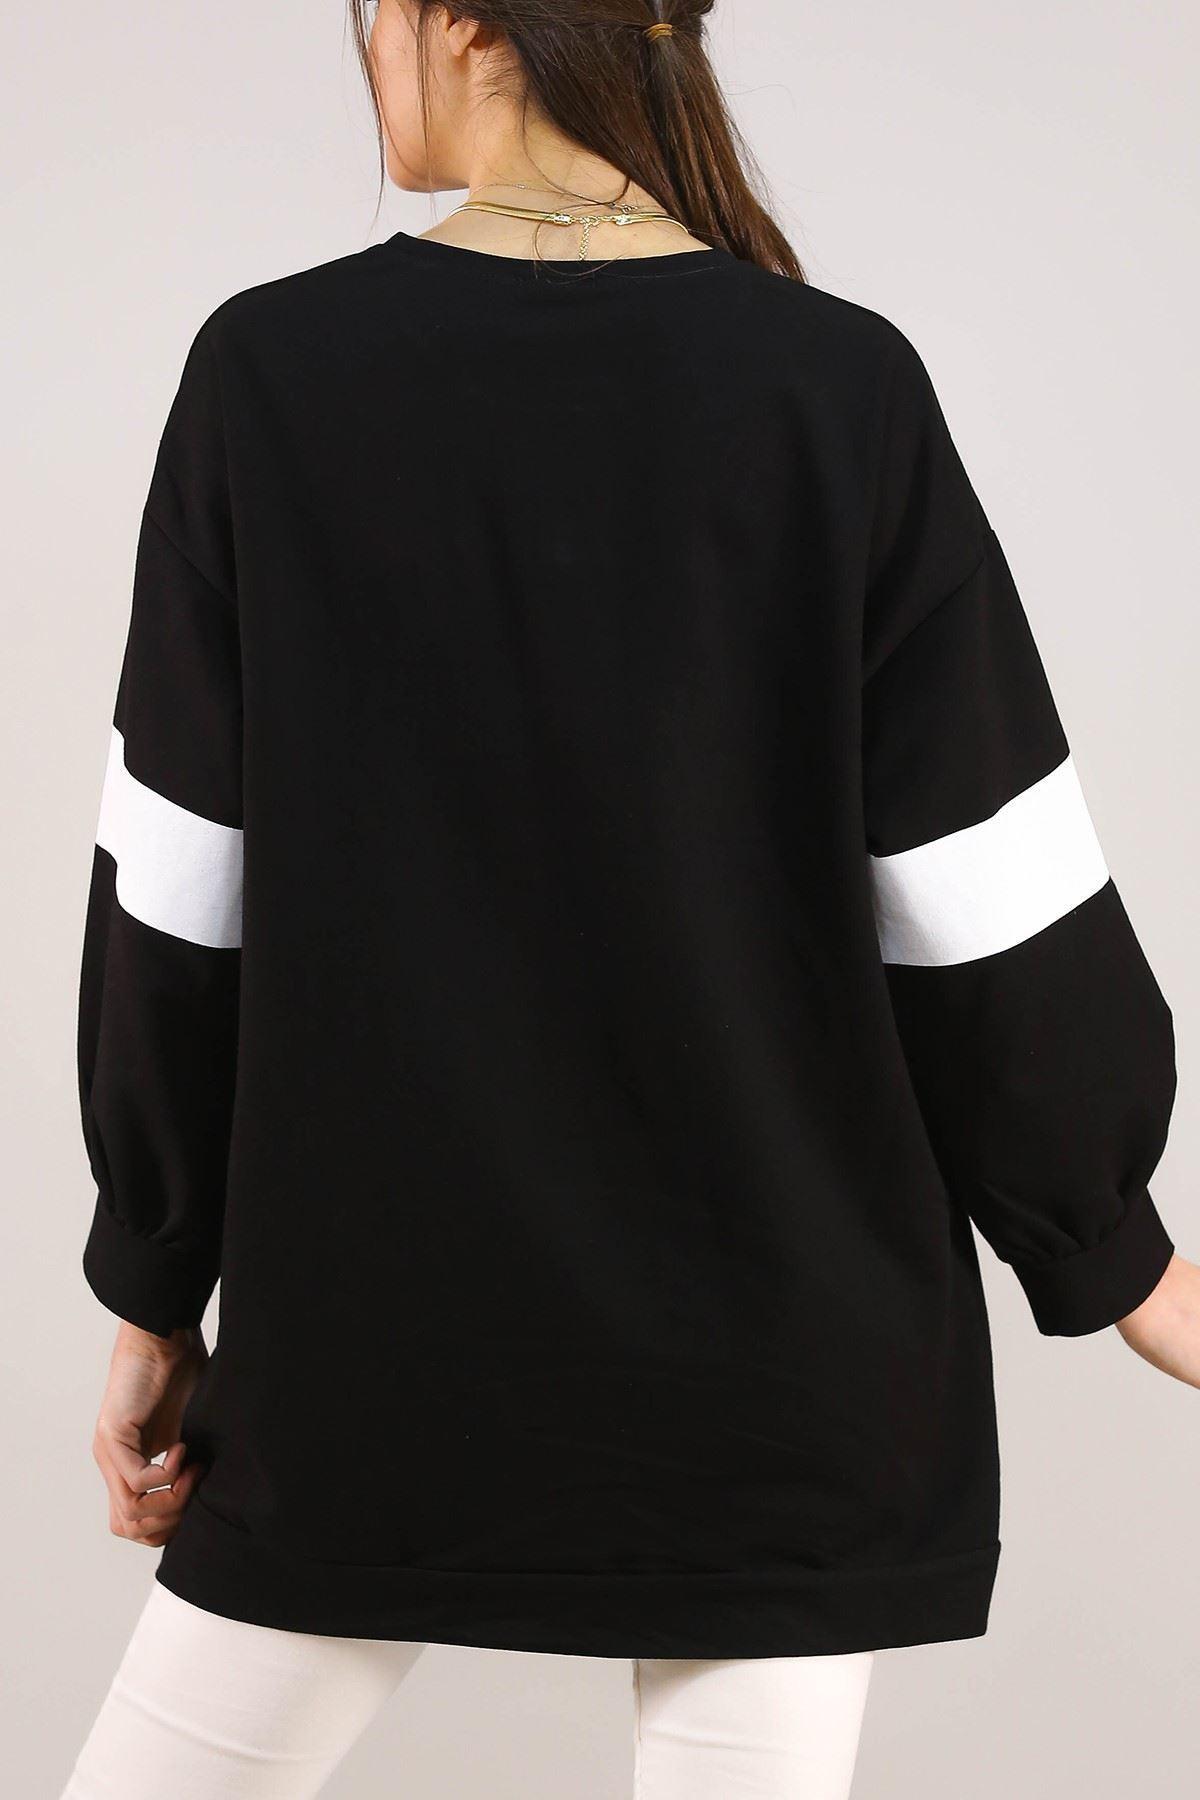 Baskılı Tunik Siyah - 3162.105.